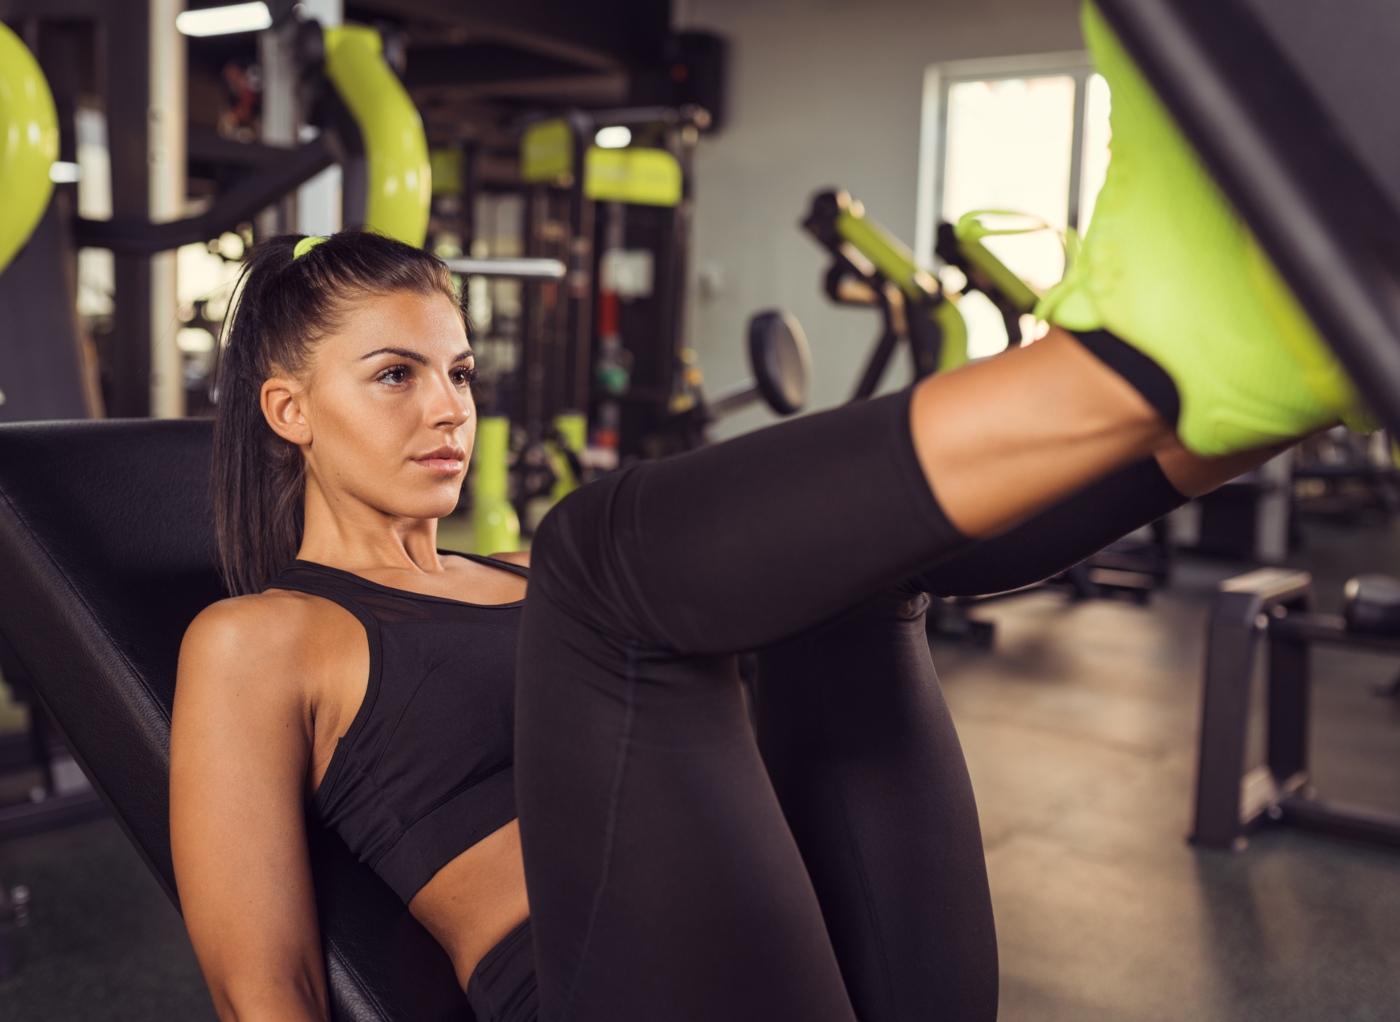 Plano de treino para emagrecer: será sempre difícil?